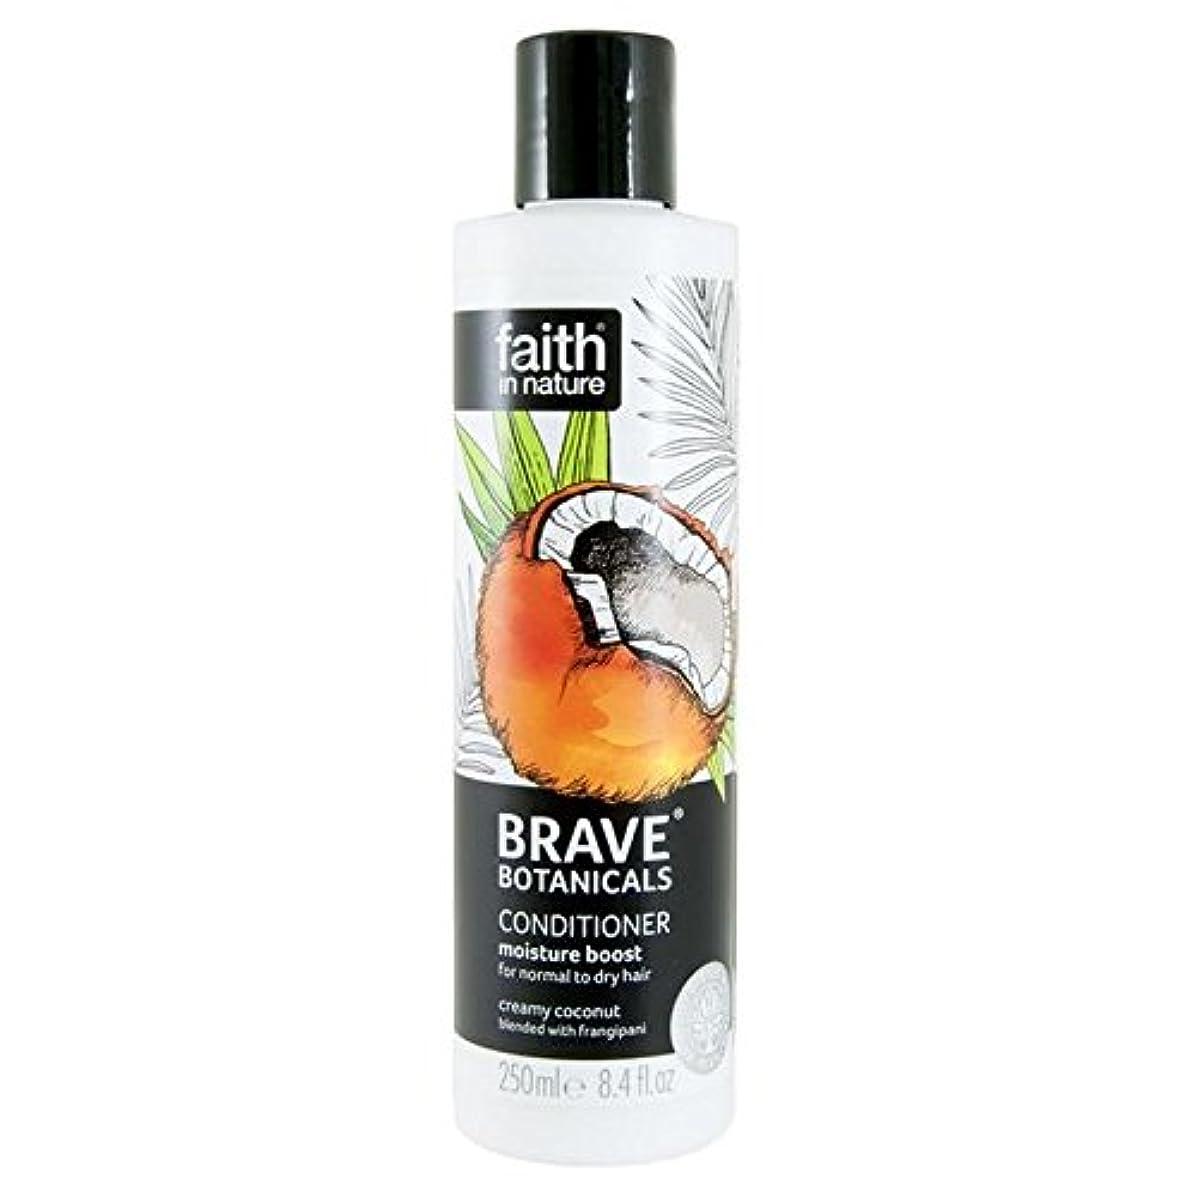 空洞傾向結紮Brave Botanicals Coconut & Frangipani Moisture Boost Conditioner 250ml (Pack of 6) - (Faith In Nature) 勇敢な植物ココナッツ...